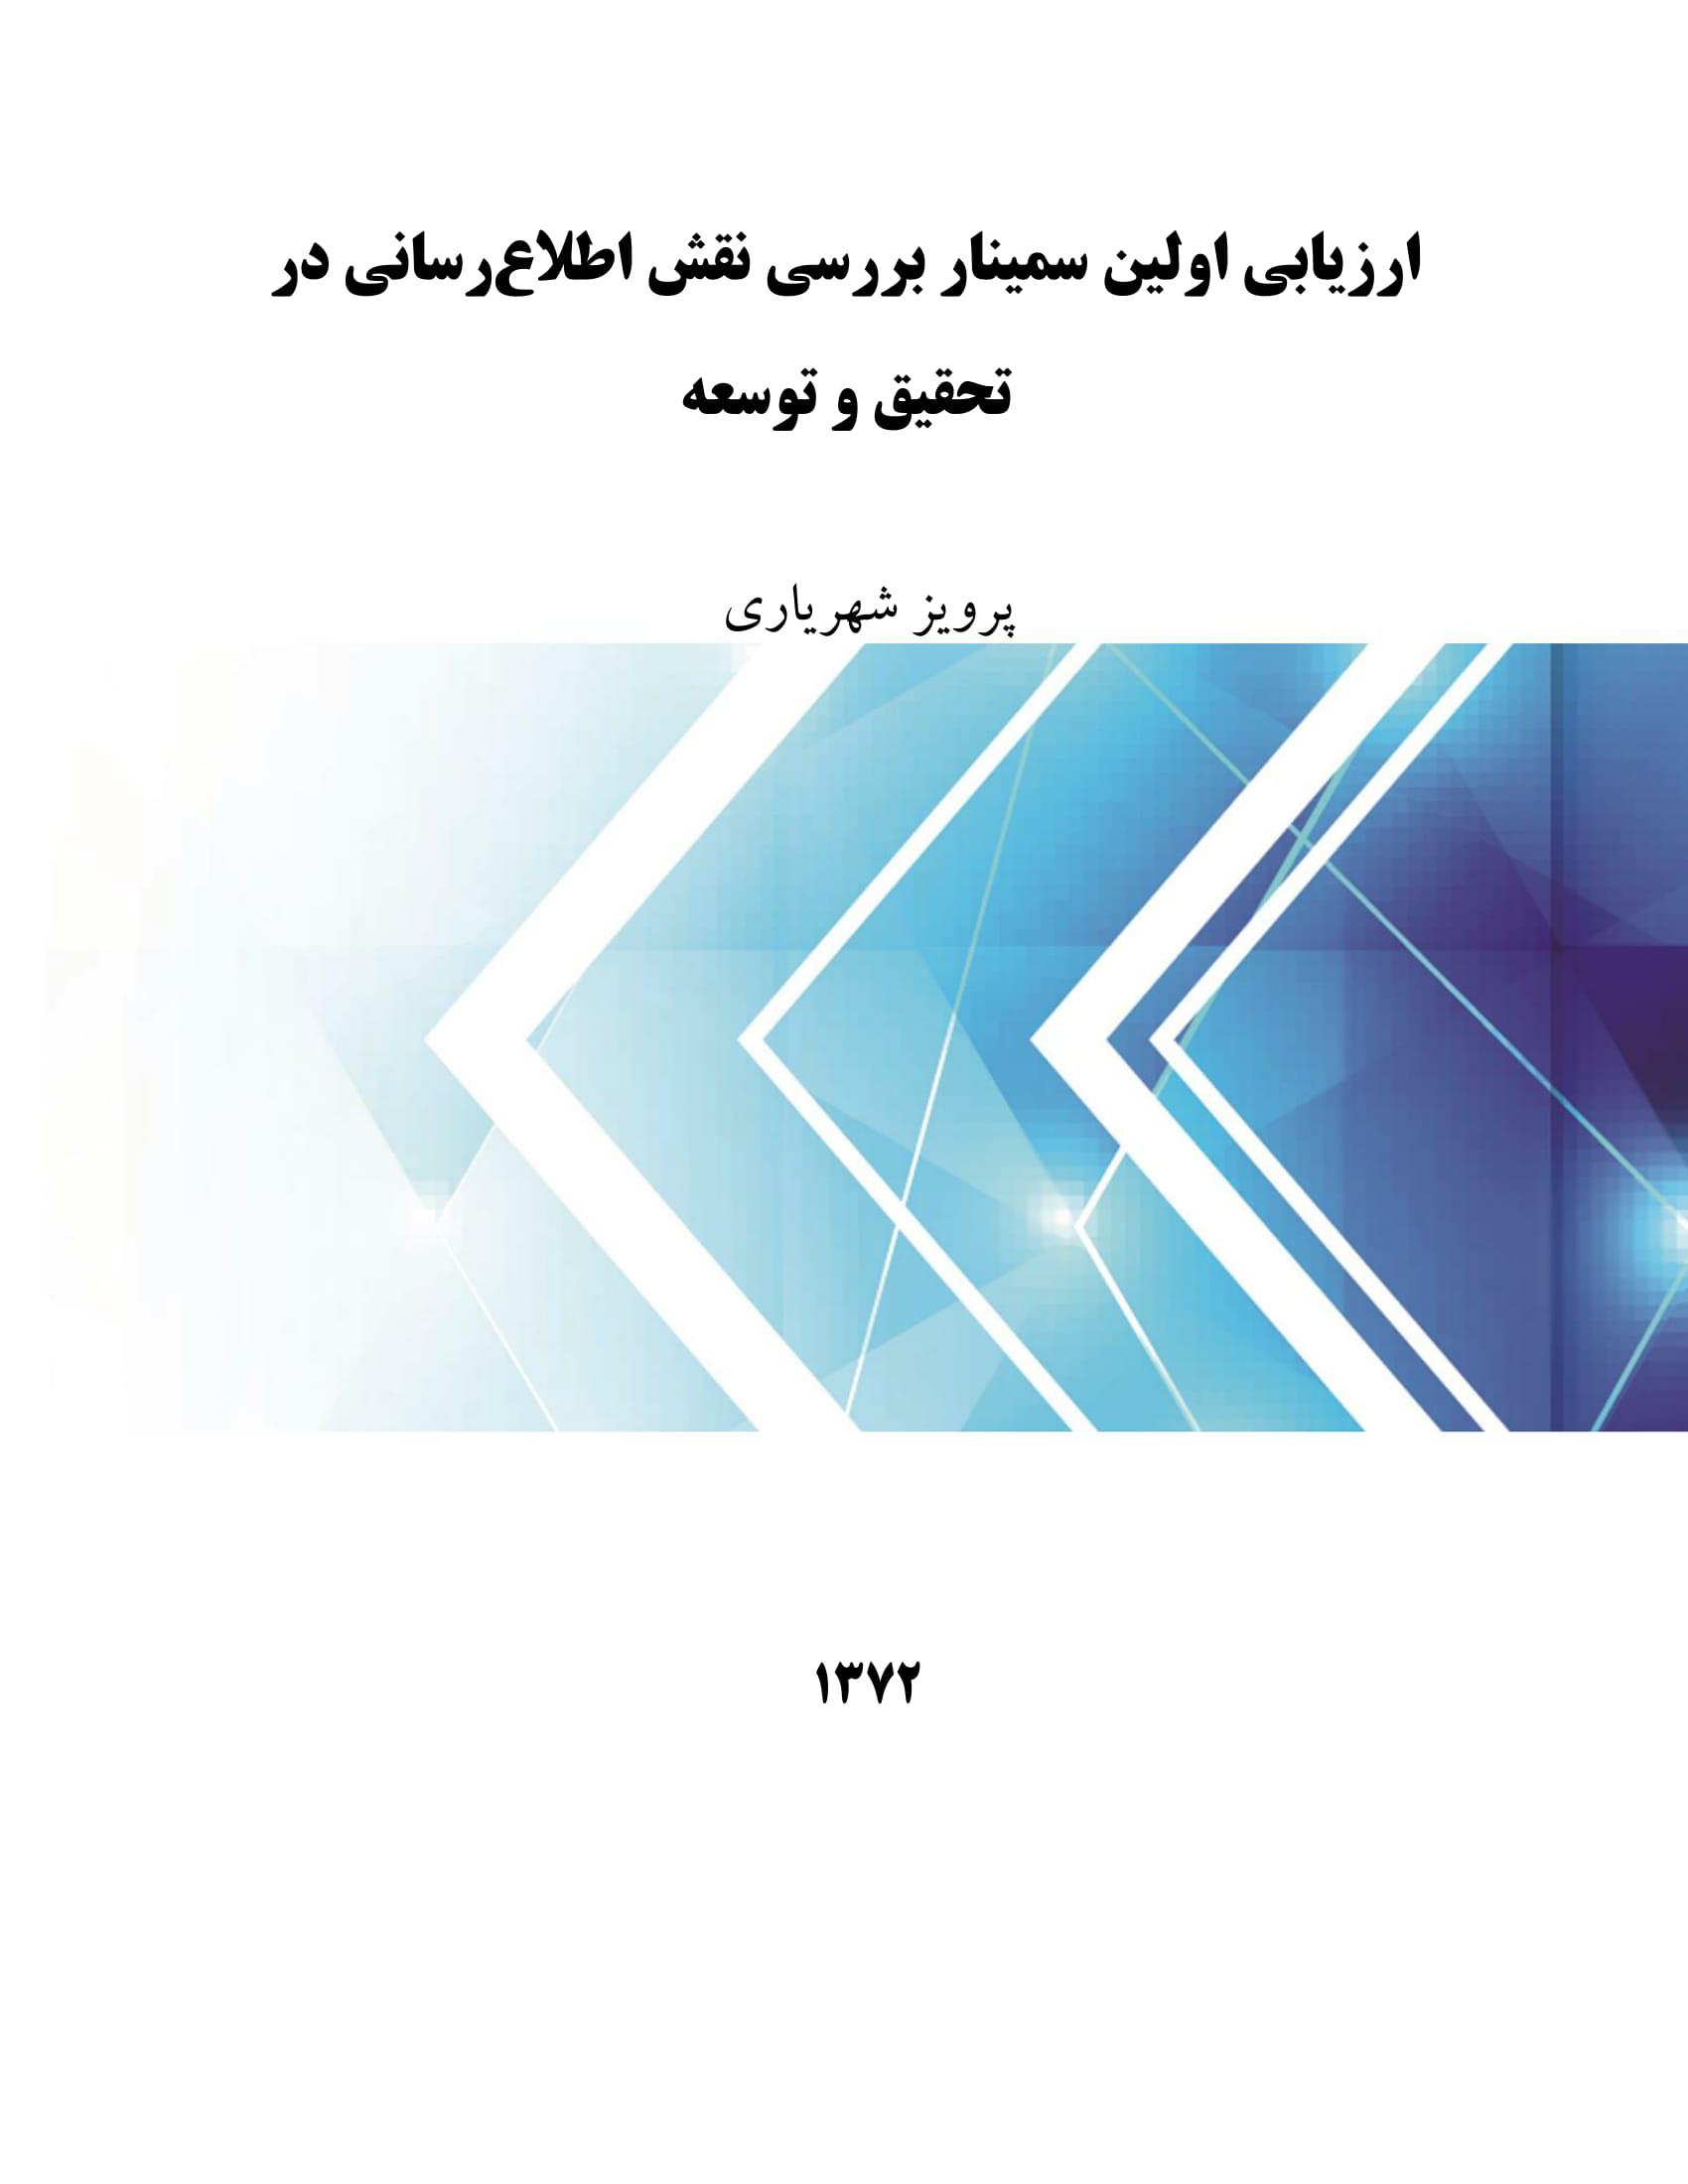 ارزیابی اولین سمینار بررسی نقش اطلاعرسانی در تحقیق و توسعه